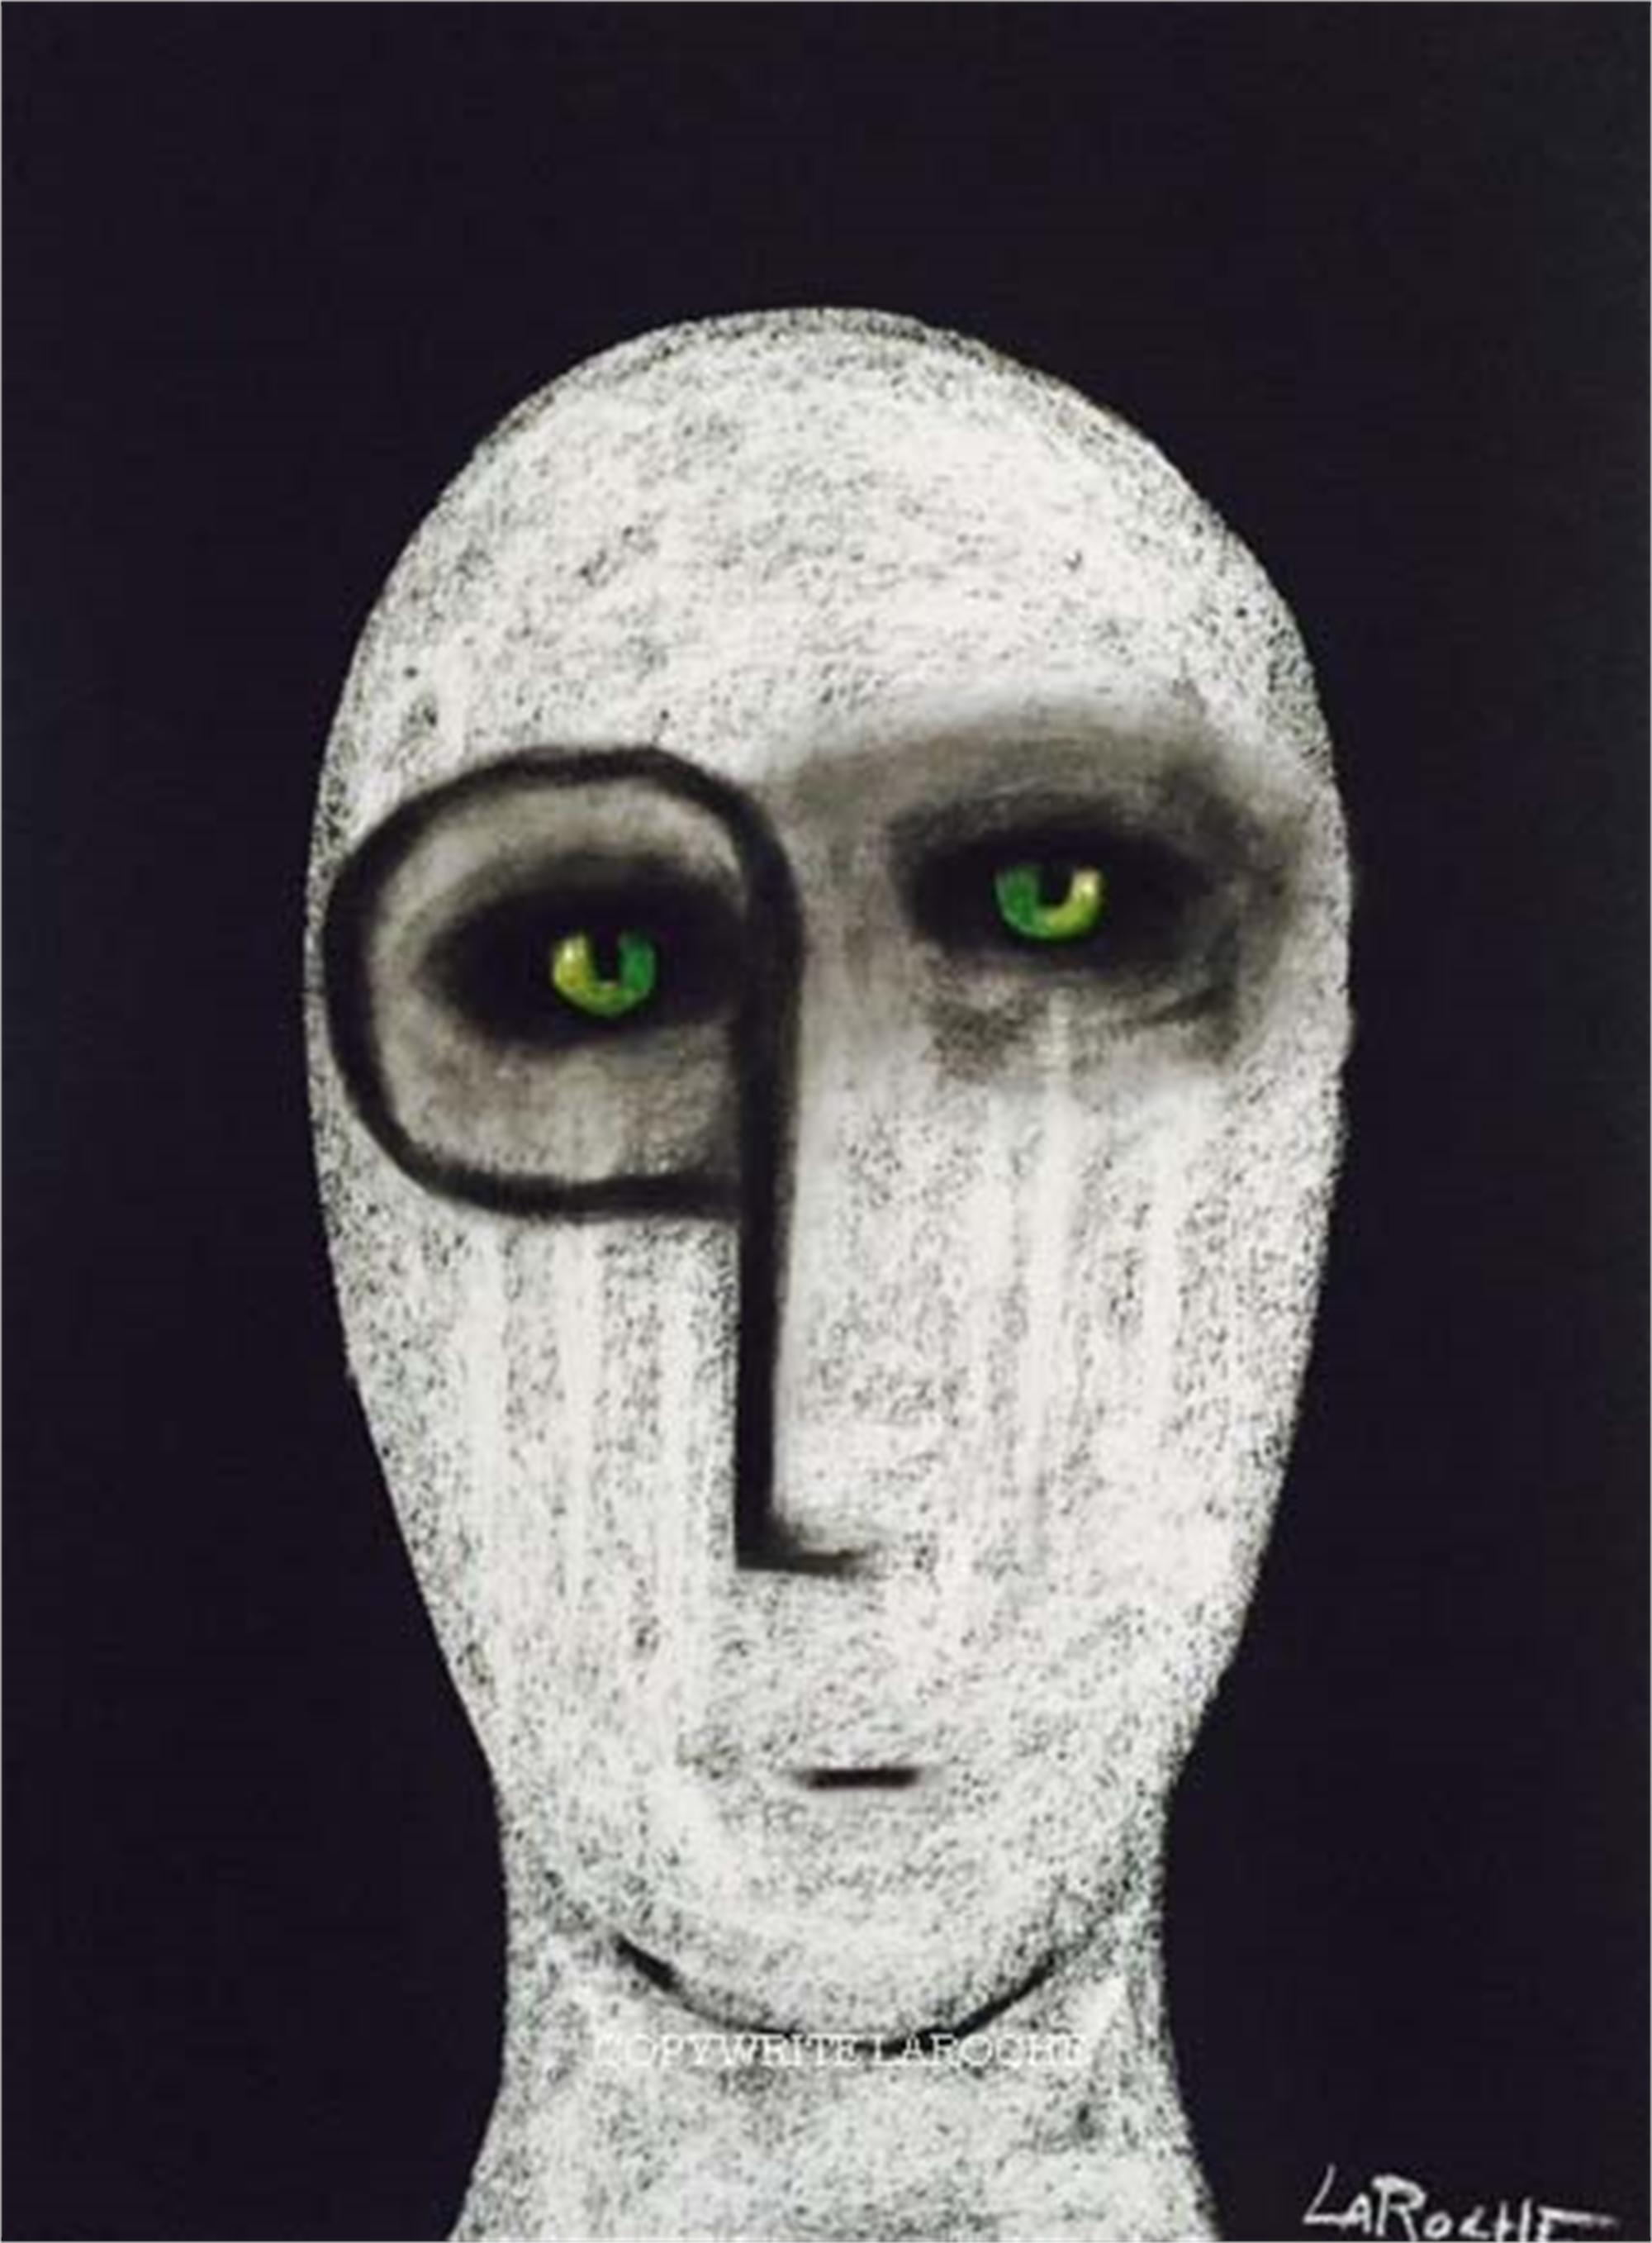 WHITE SHAMAN #8 by Carole LaRoche